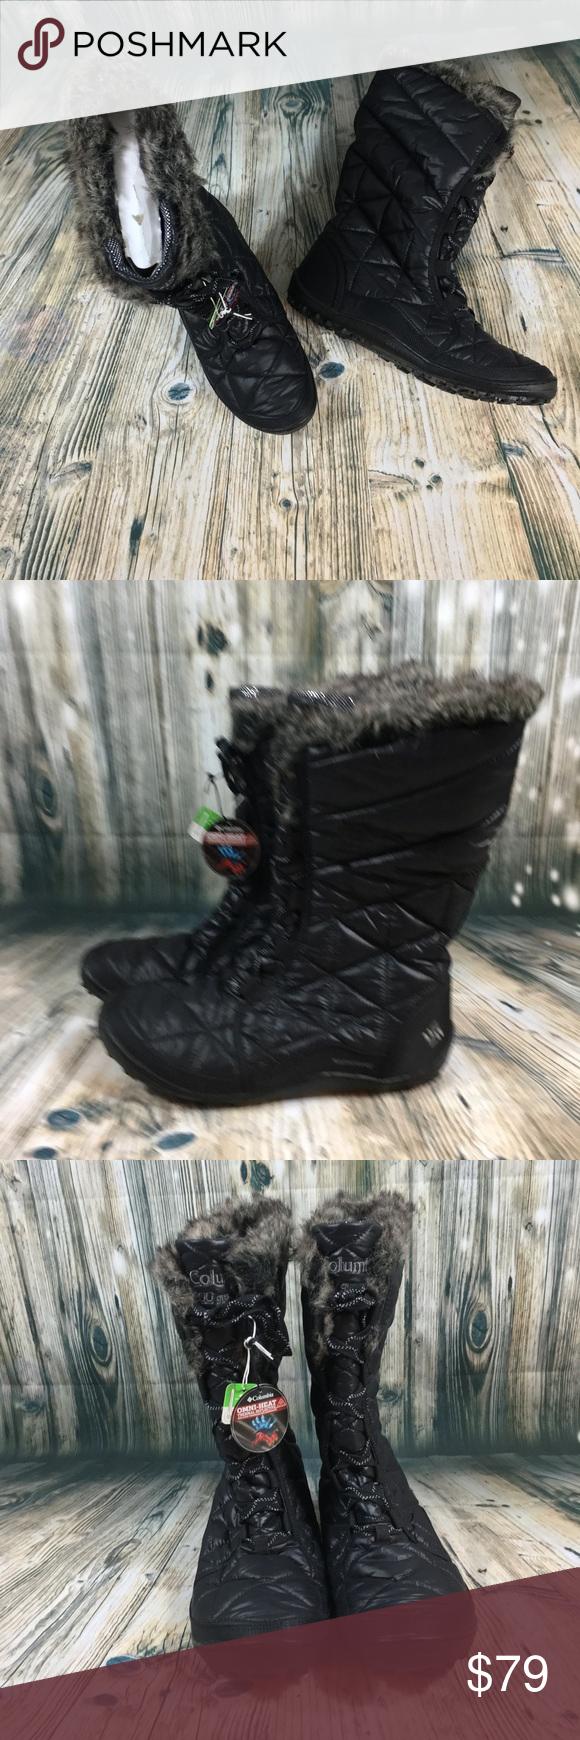 d090b1b3611b New Columbia Minx Mid II Boots Black Size 9 New Columbia Minx Mid II Omni  Heat